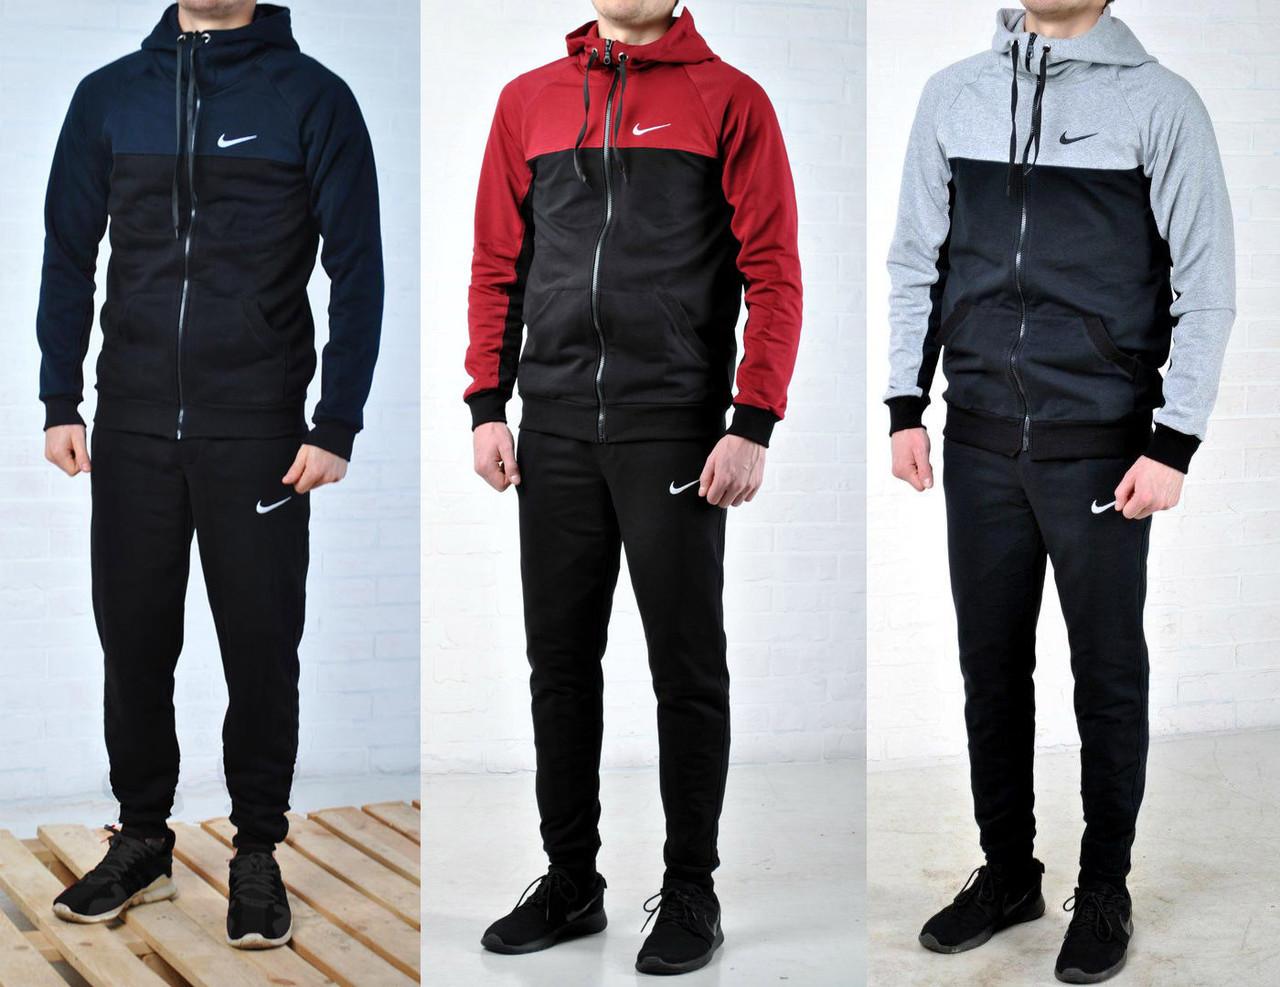 53a28c4f Мужской спортивный костюм Nike! Найк двух цветный - Sport style - магазин  спортивной одежды для